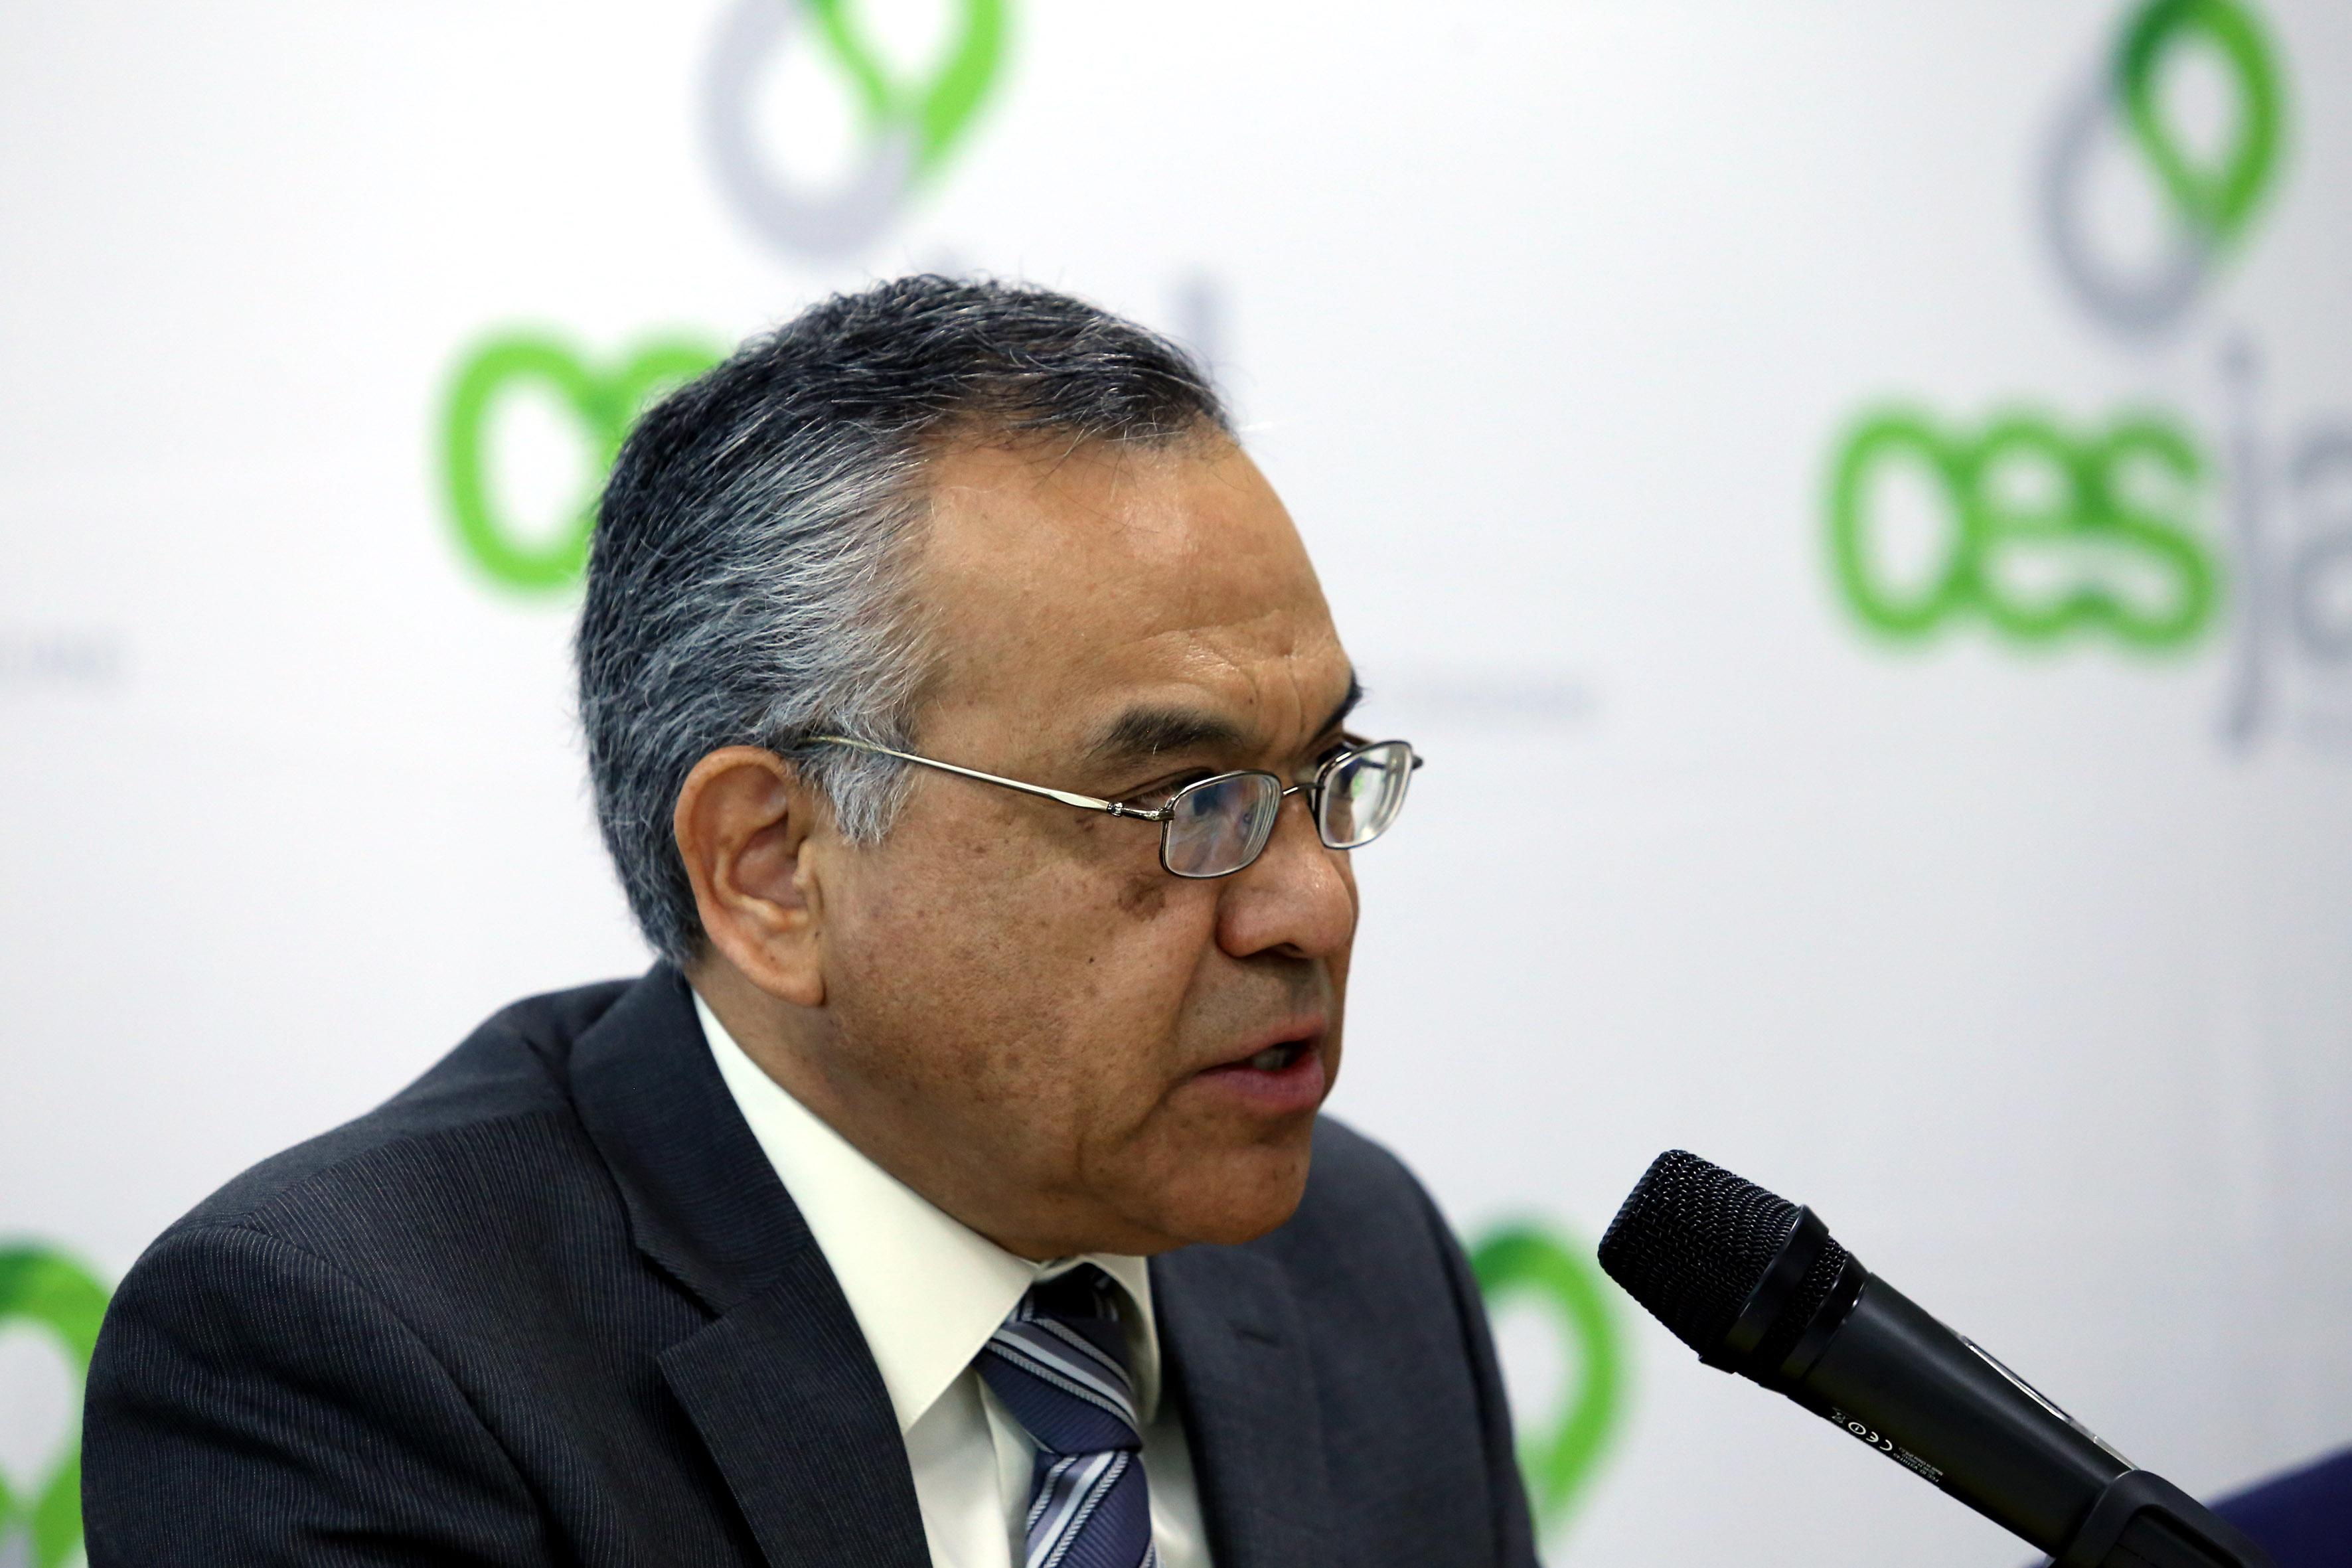 Doctor Adrián de León Arias, académico de la Universidad de Guadalajara y vicepresidente del Sector Académico–Asistencial, frente al micrófono.